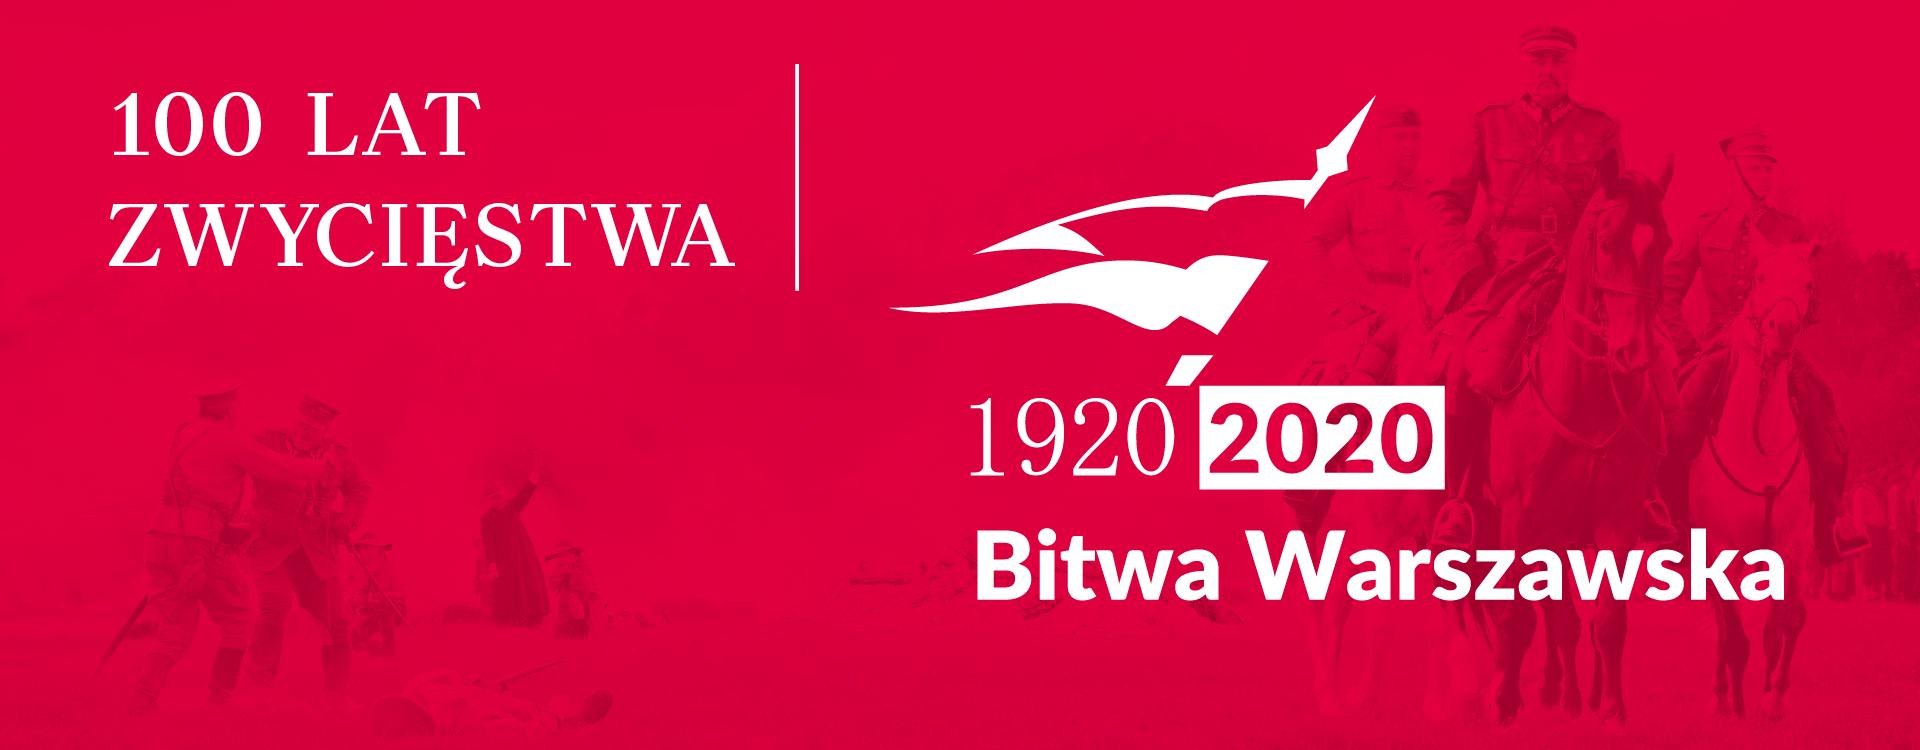 100 Lat zwycięstwa, 1920 - 2020 Bitwa Warszawska